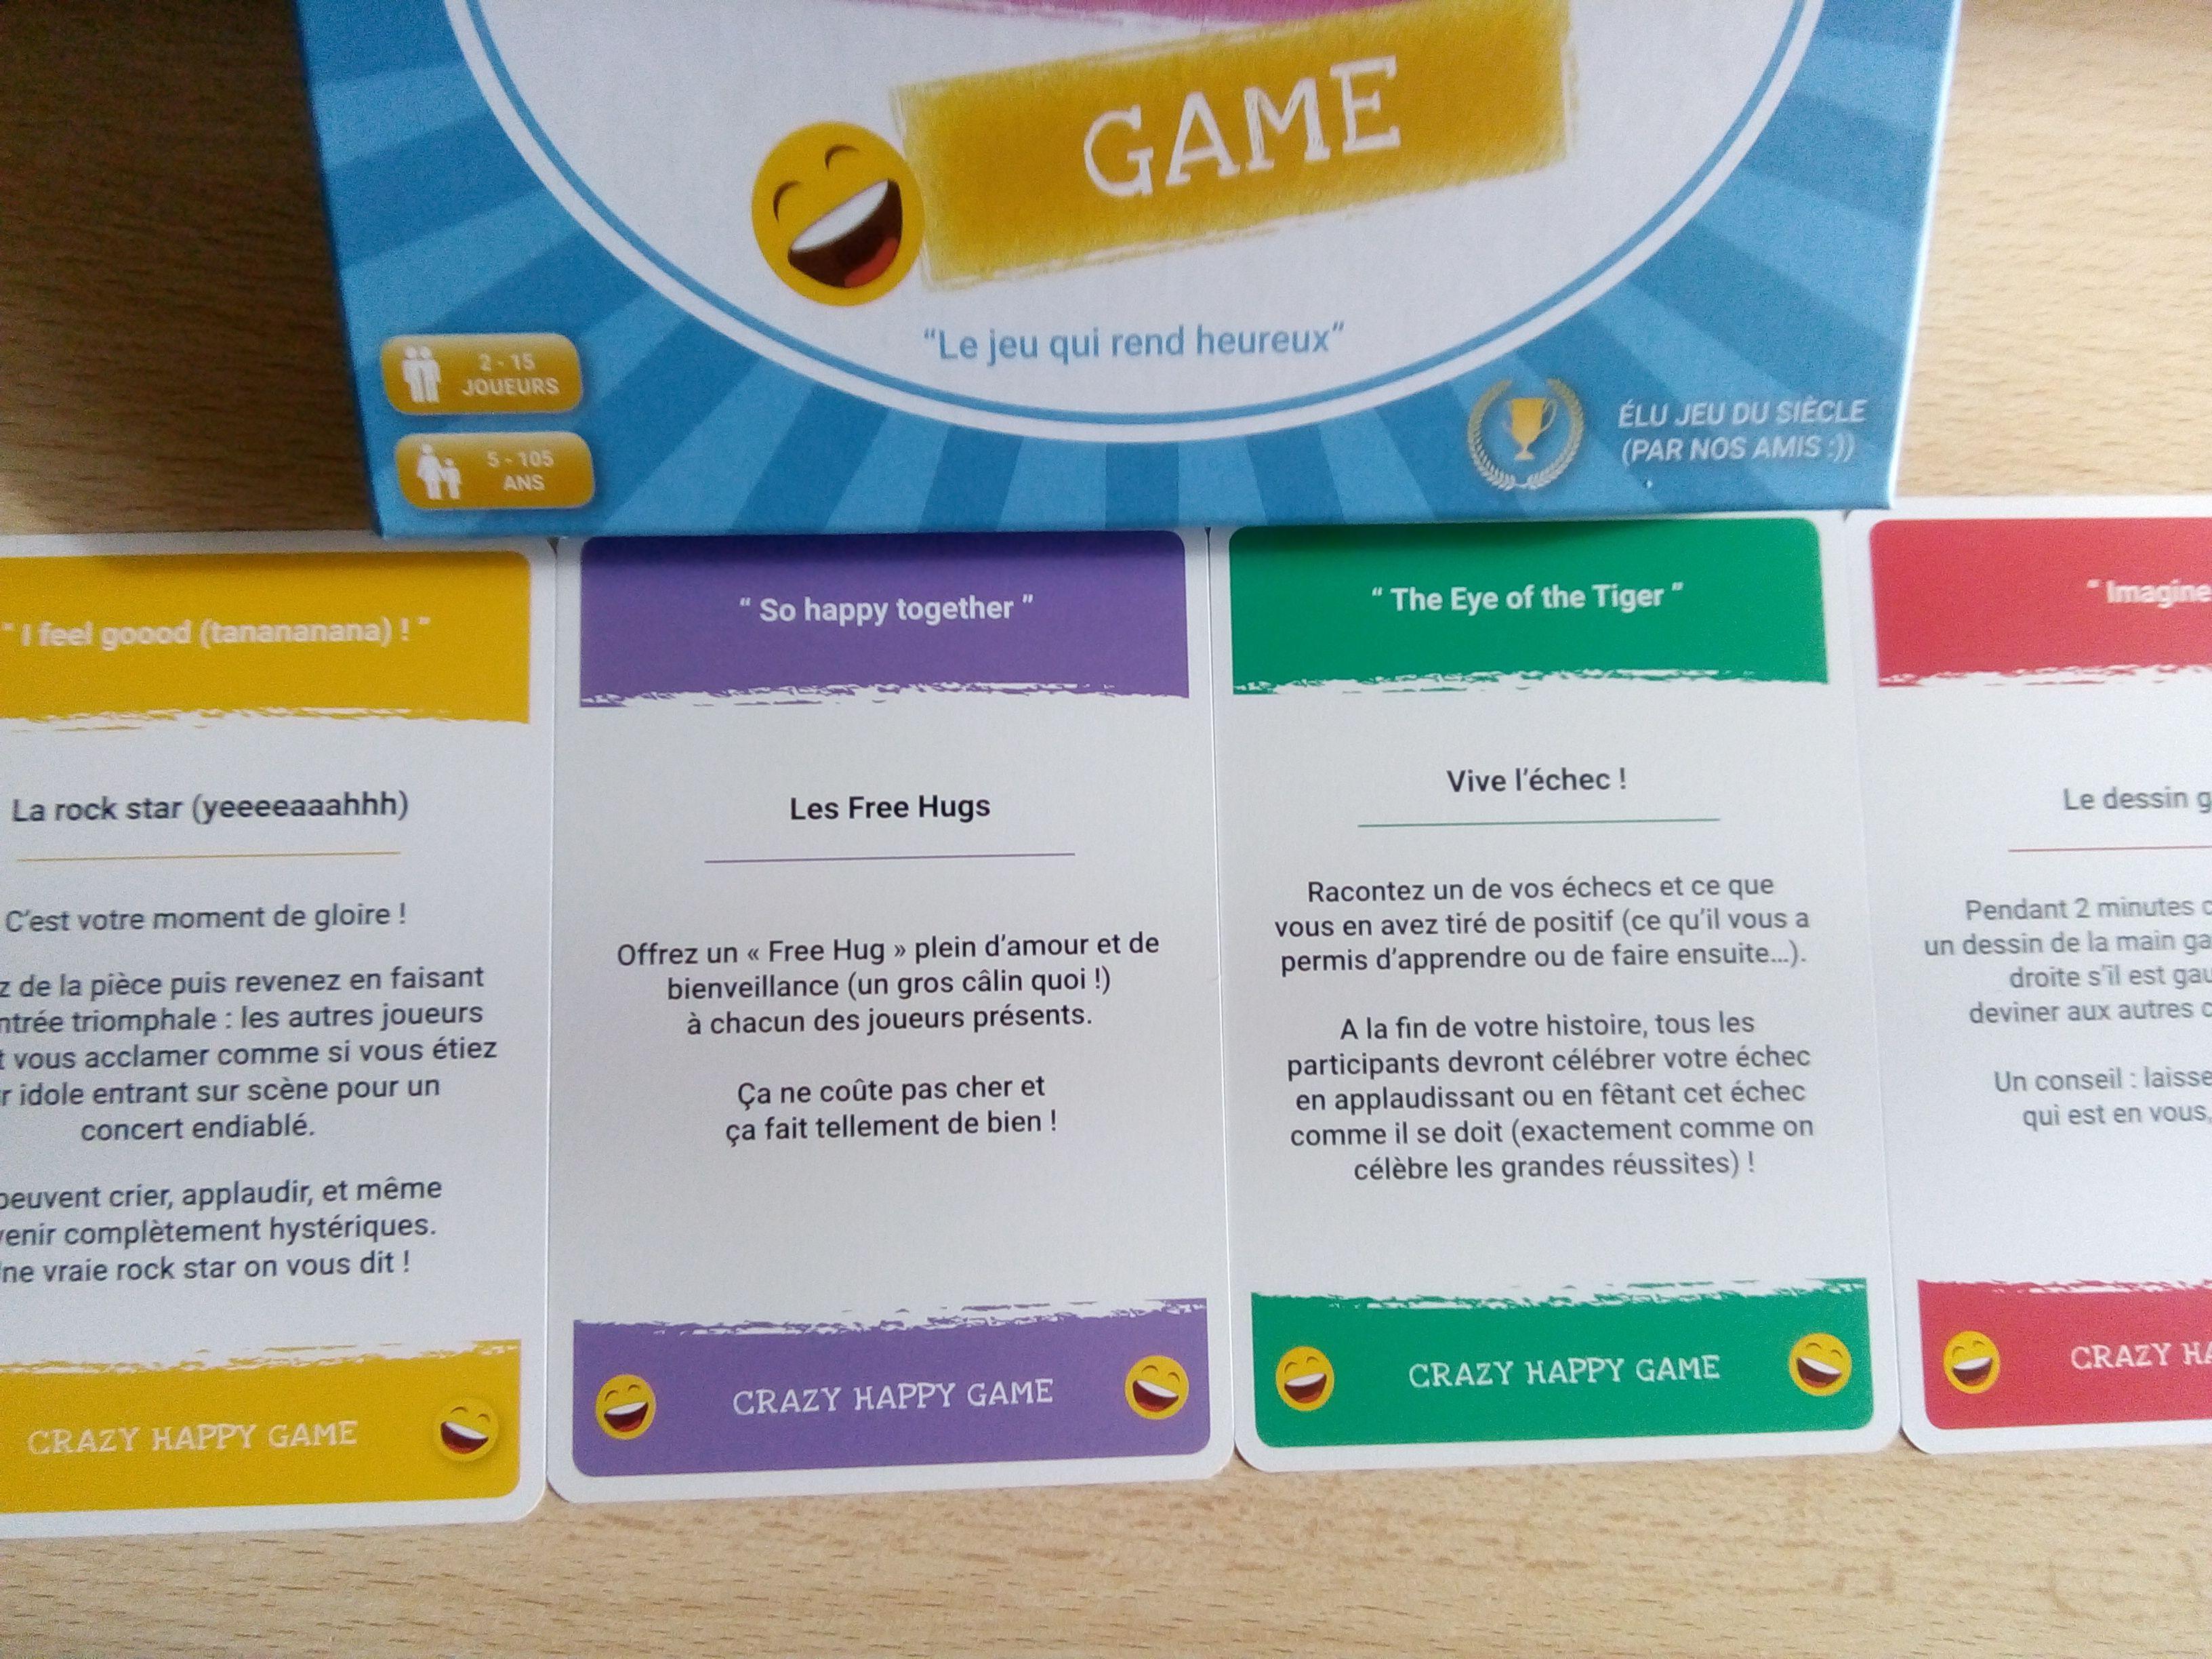 Crazy Happy Game Un Jeu De Cartes Base Sur La Psychologie Positive Qui Cree Des Liens Et Rend Heureux Psychologie Positive Jeu De Cartes Psychologie